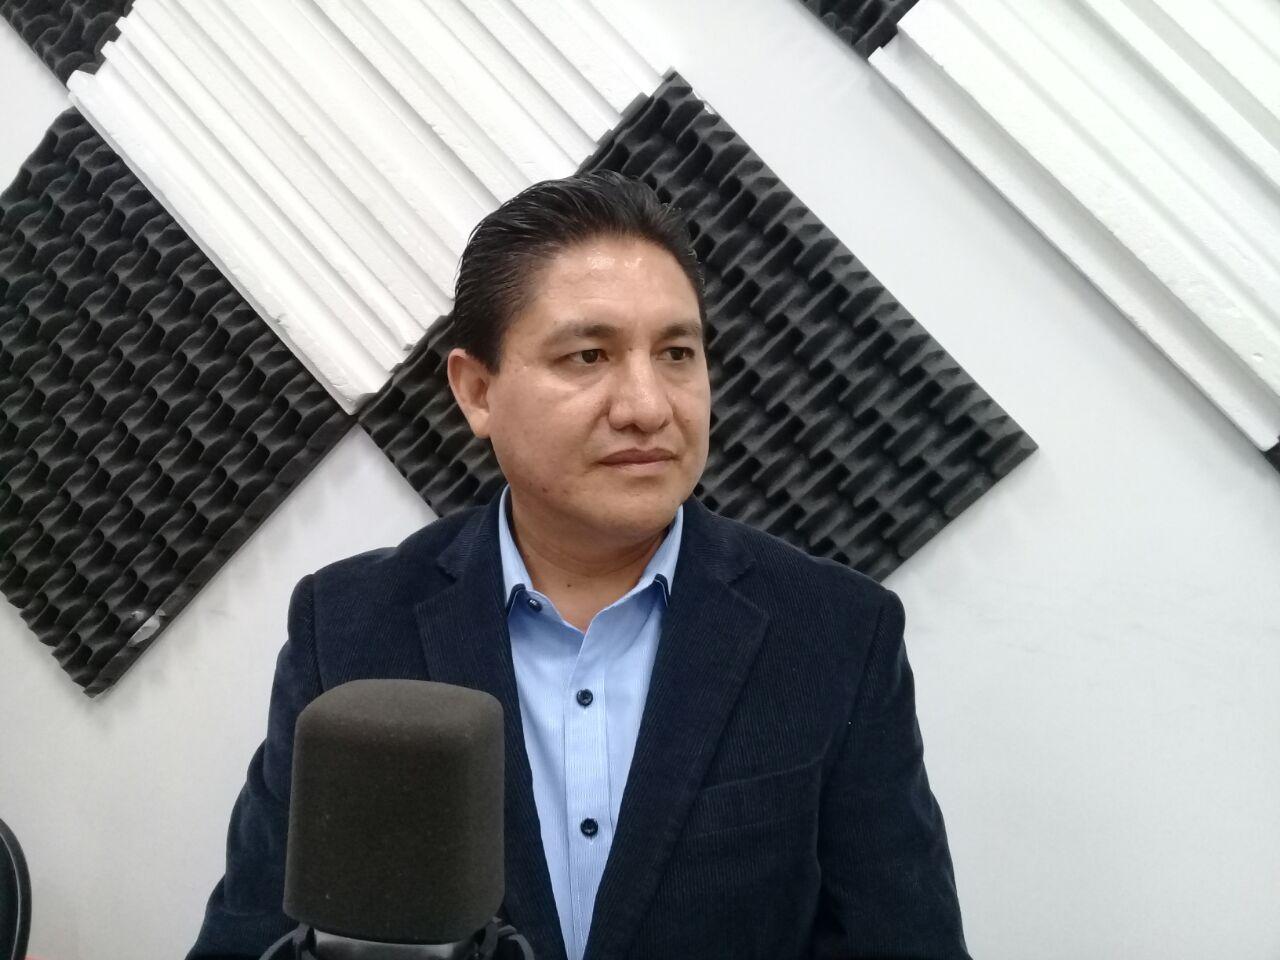 Víctor Águila y Mauro Flores: Día mundial de las telecomunicaciones